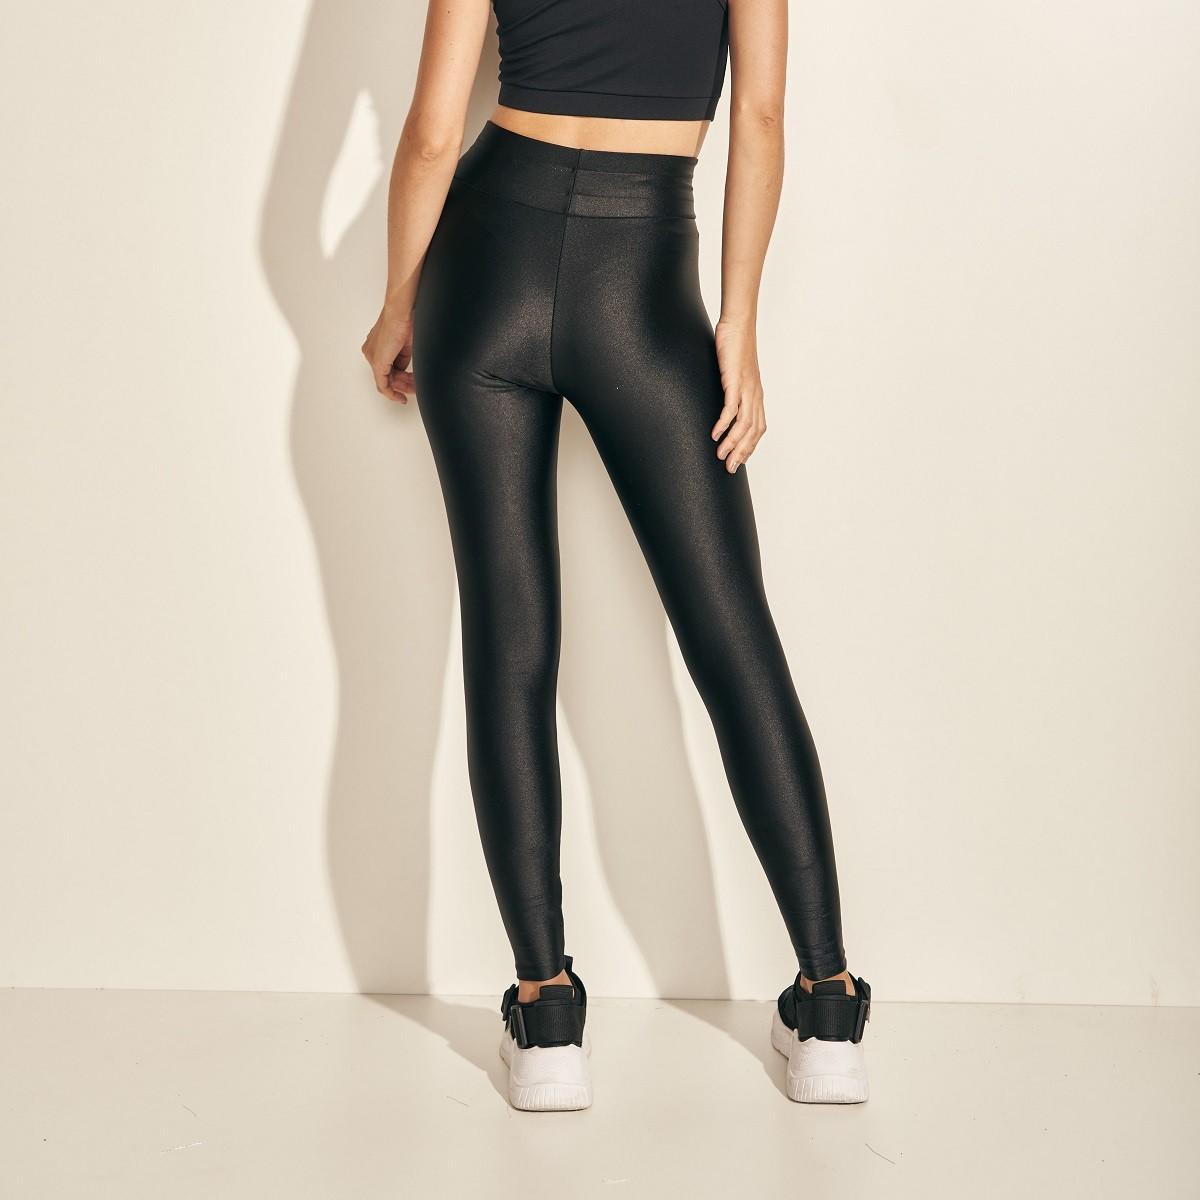 Calça Legging Colcci Perfect Black